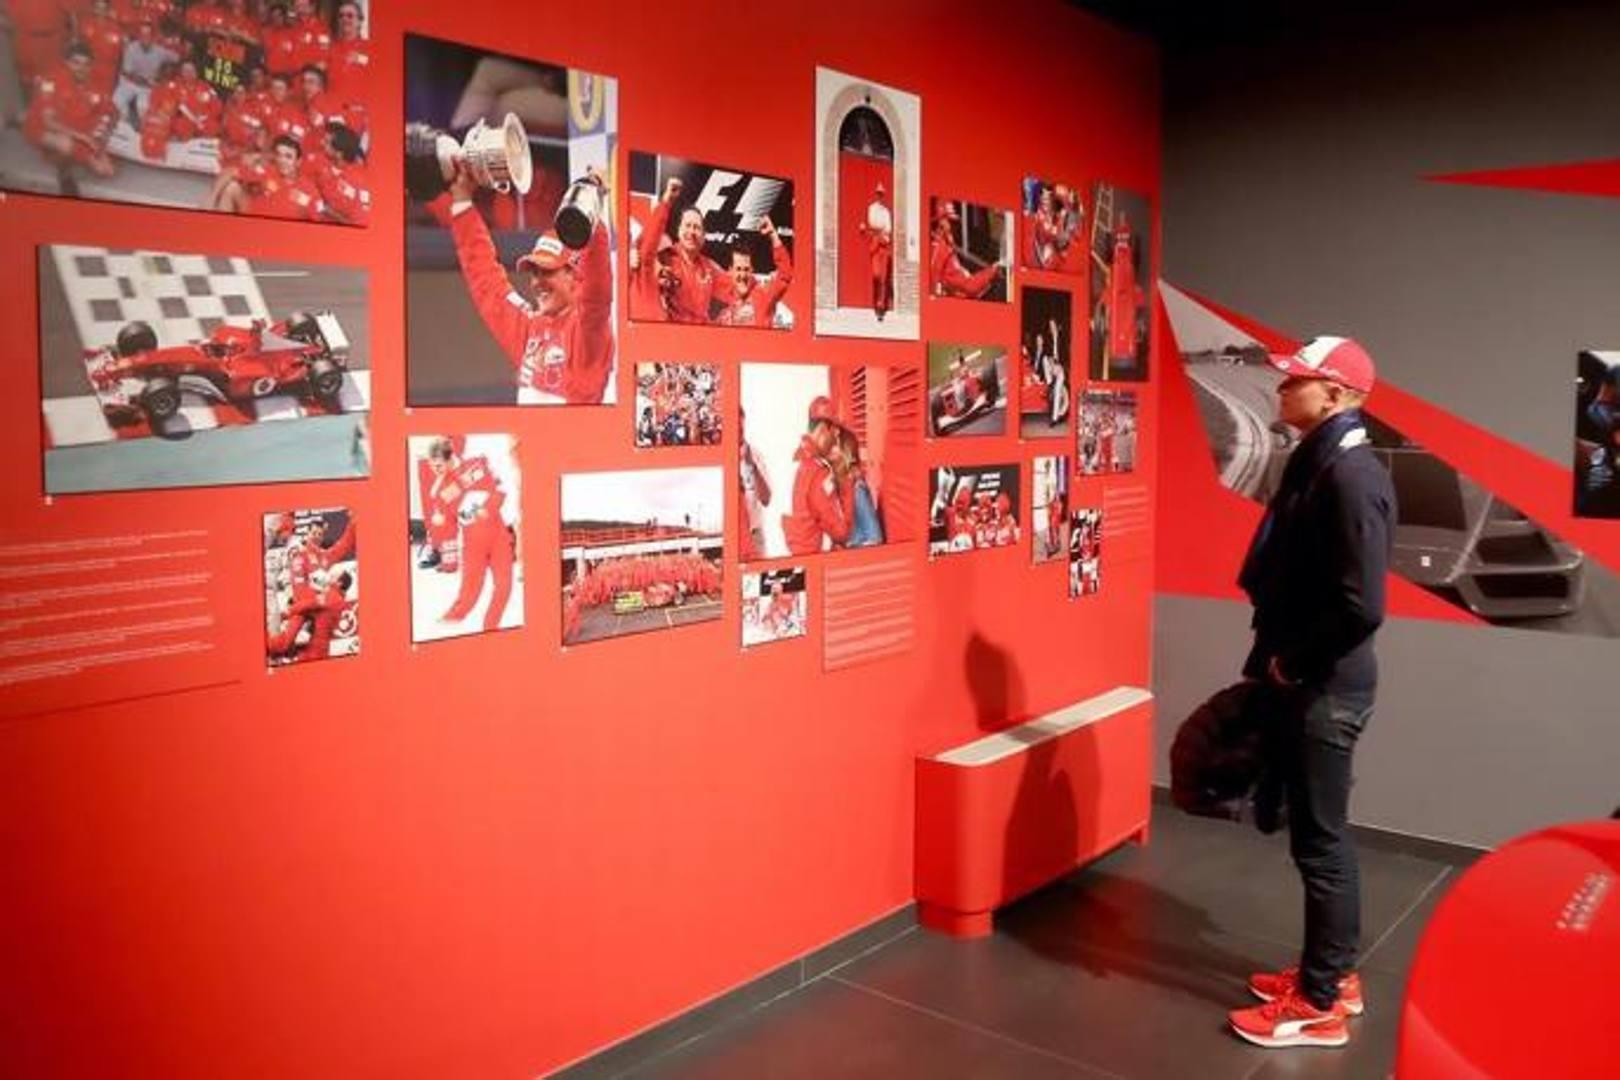 Mick Schumacher ha visitato la mostra Michael50 al Museo Ferrari di Modena, dedicata ai 50 anni di papà Michael, 5 volte campione del mondo con la Ferrari. Eccolo mentre guarda le foto dei trionfi del padre